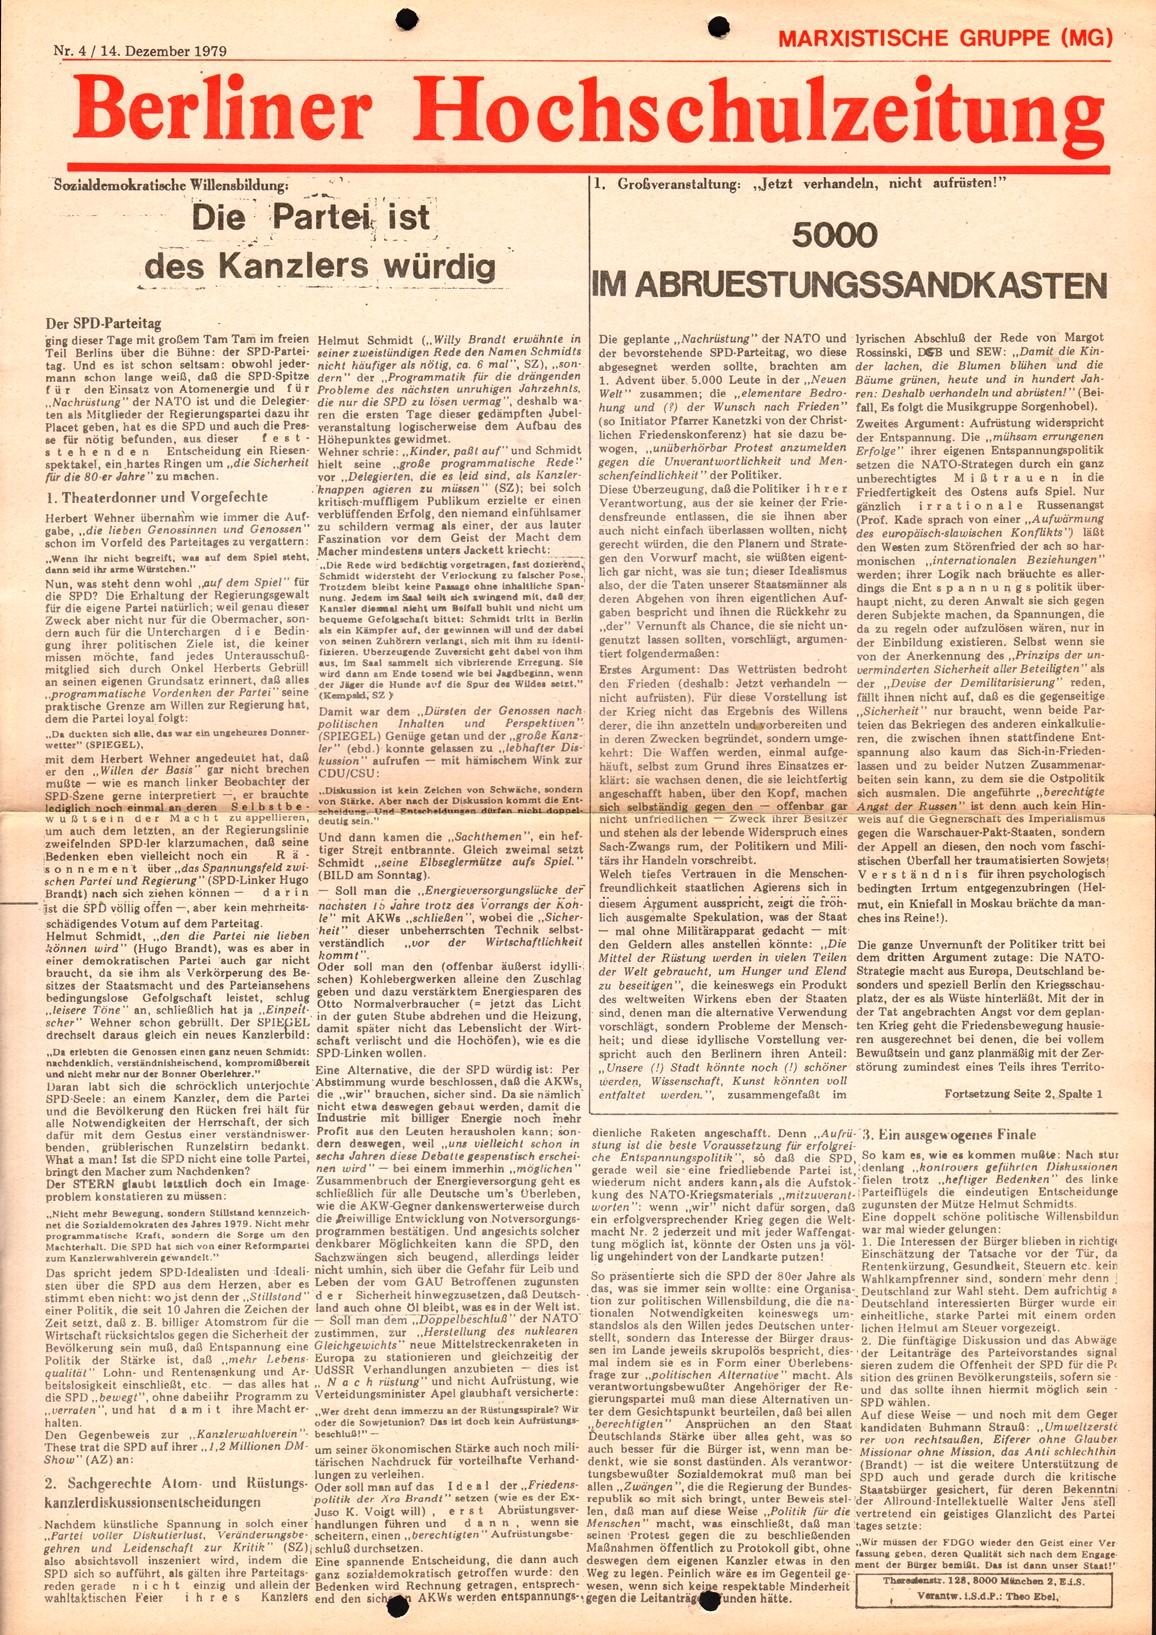 Berlin_MG_Hochschulzeitung_19791214_01